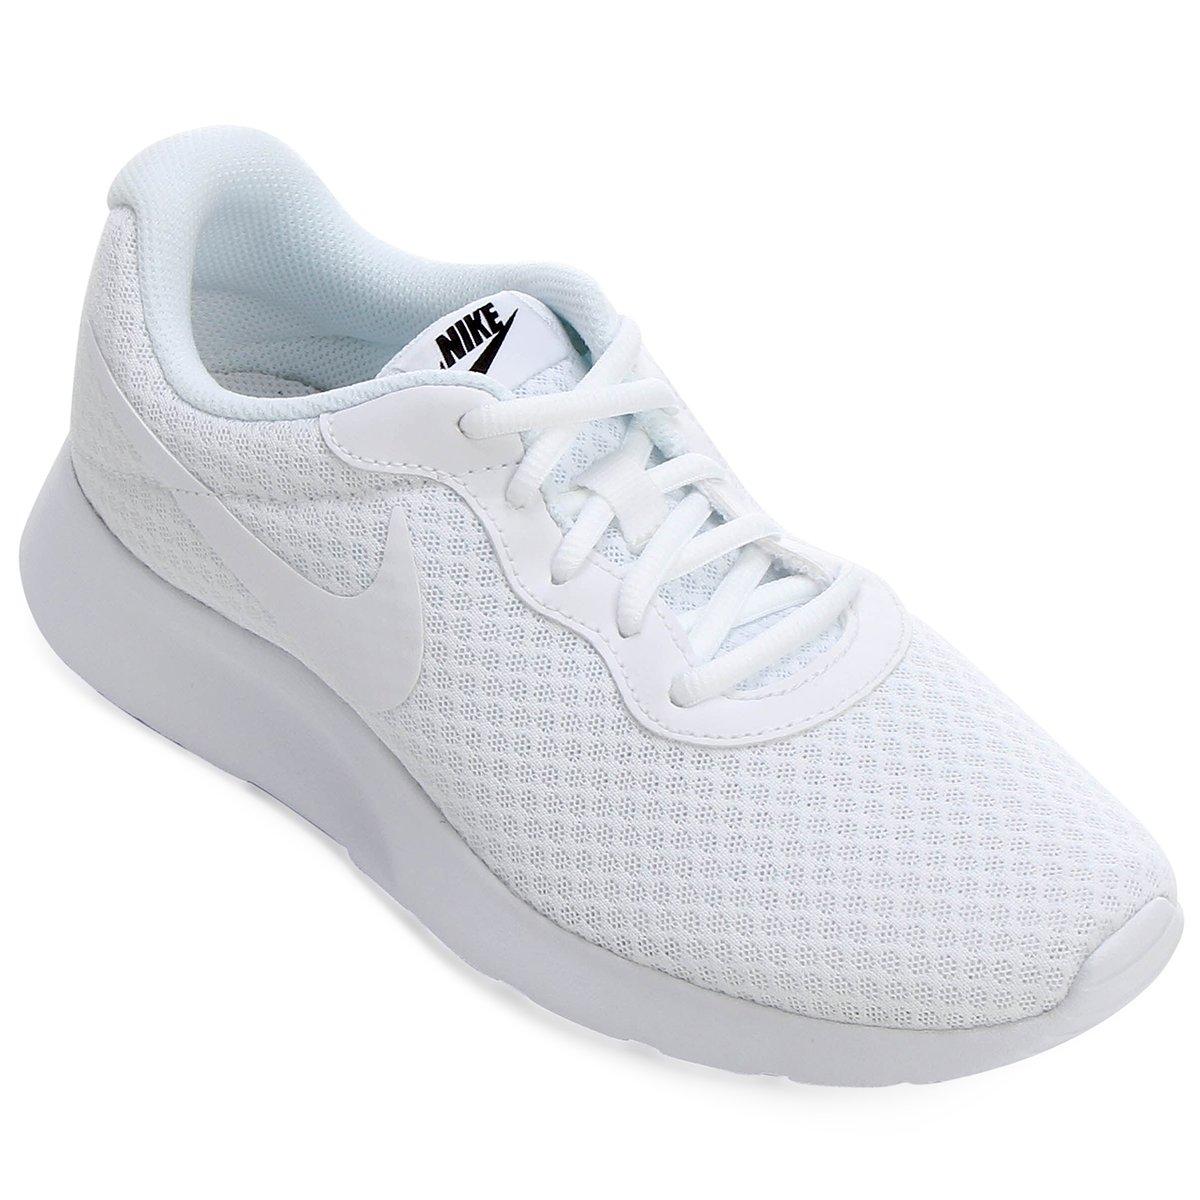 d5e4dced788 Tênis Nike Tanjun Feminino - Branco e Preto - Compre Agora